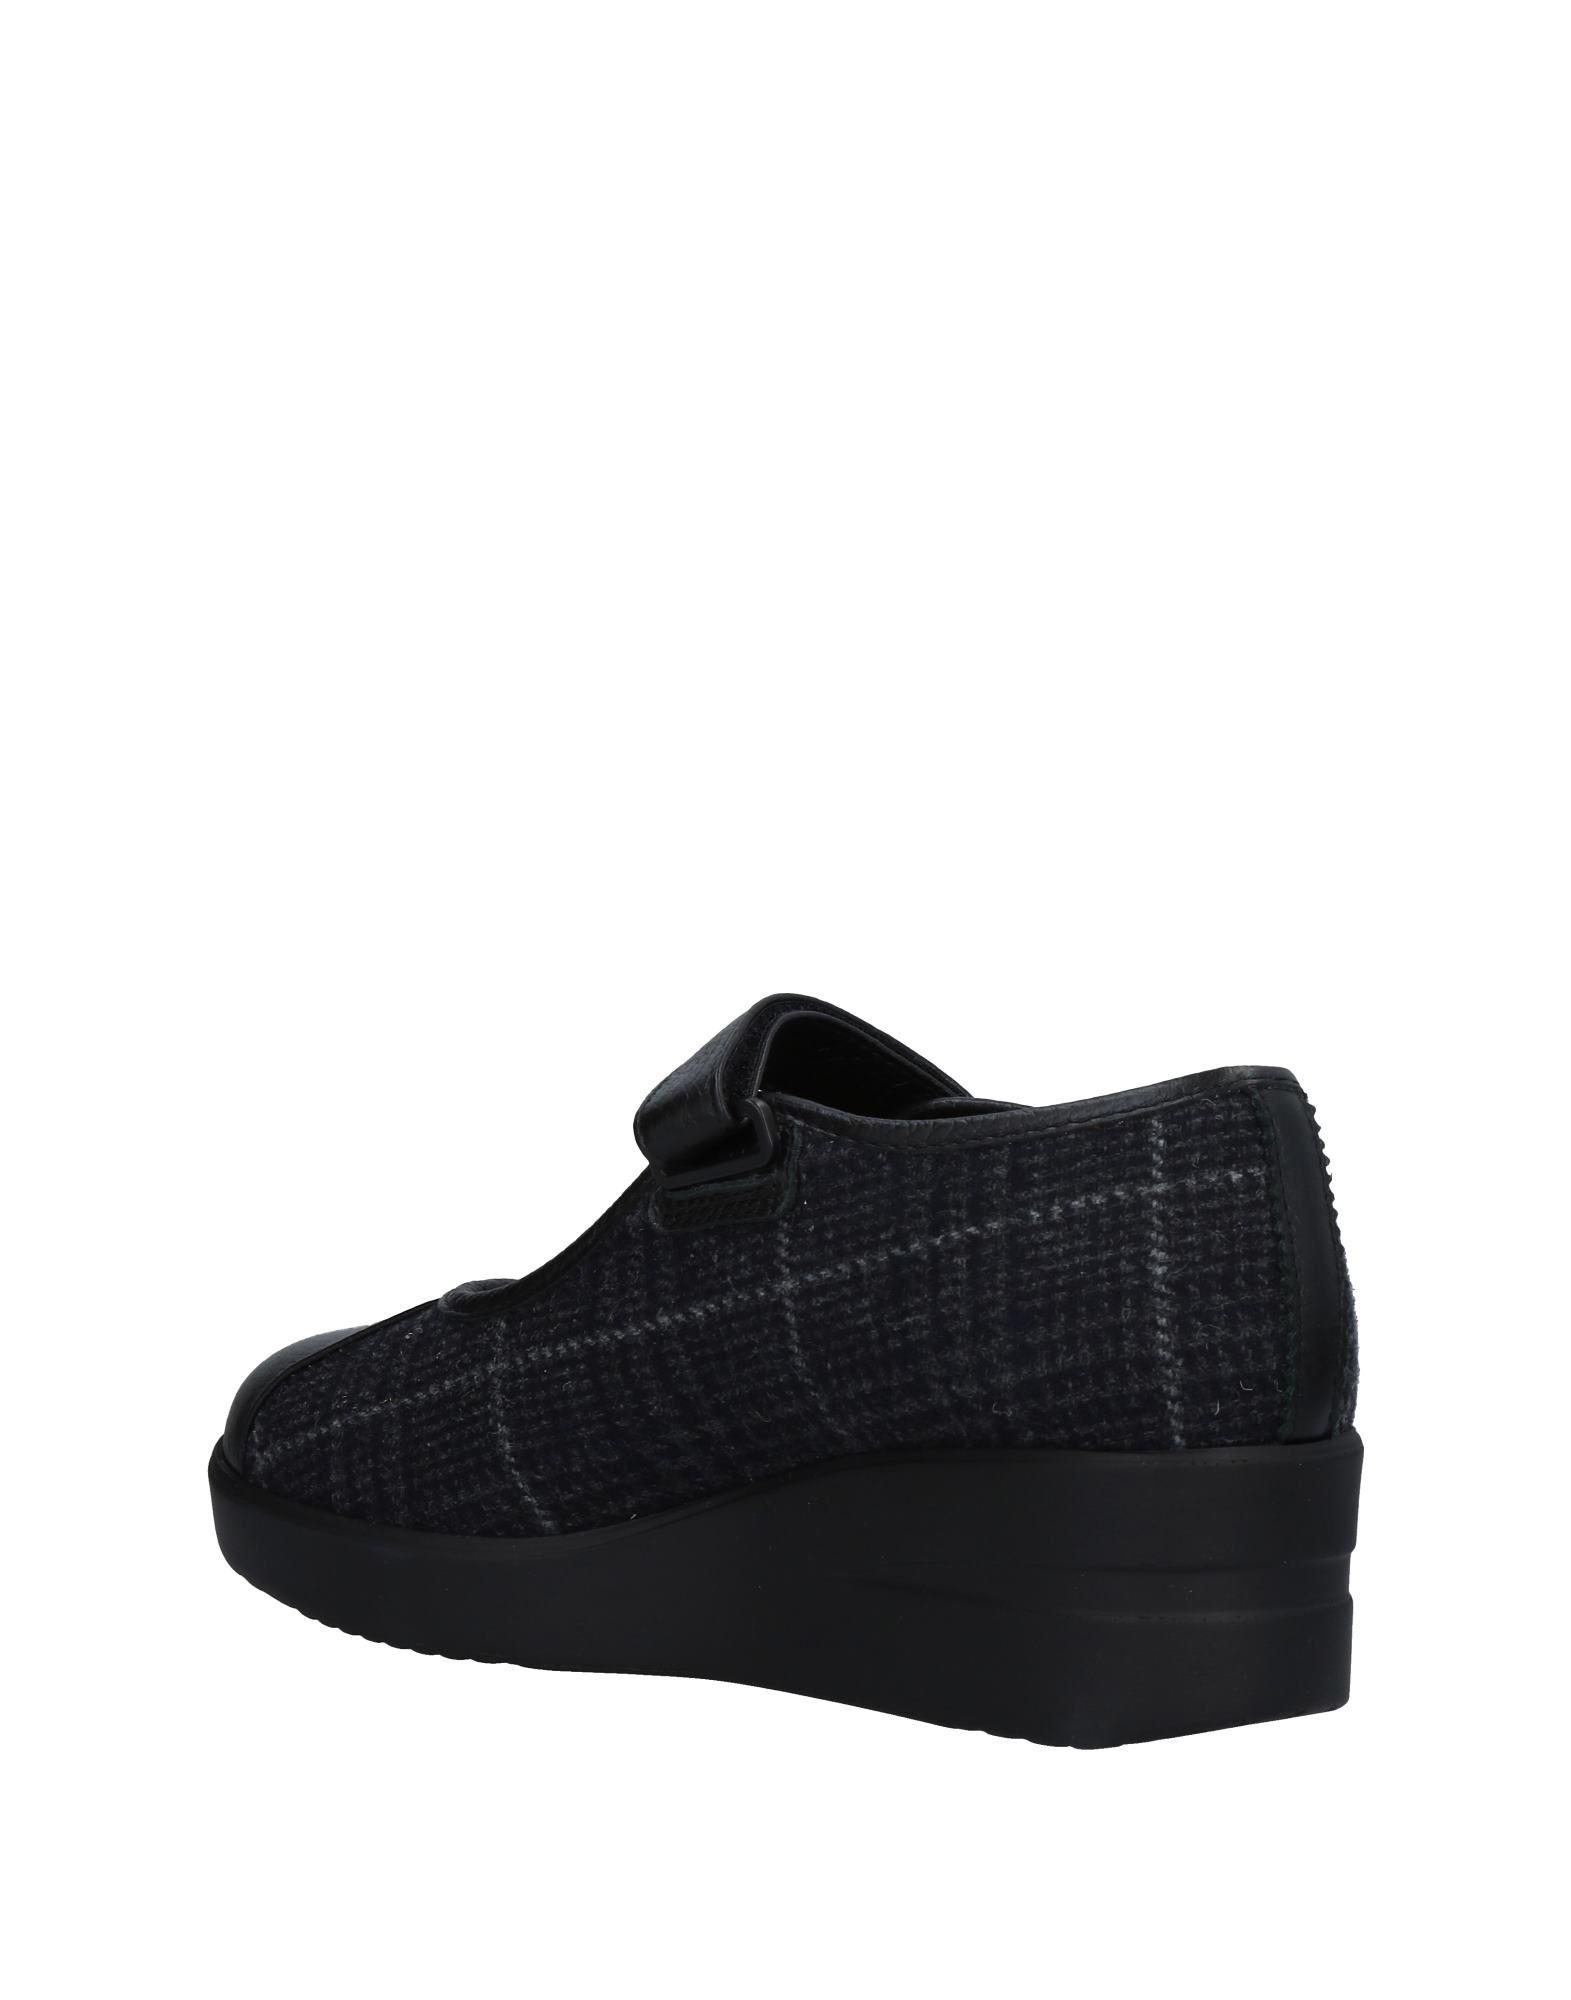 Ruco Line Pumps Pumps Line Damen  11477710OO Gute Qualität beliebte Schuhe f6bb0a